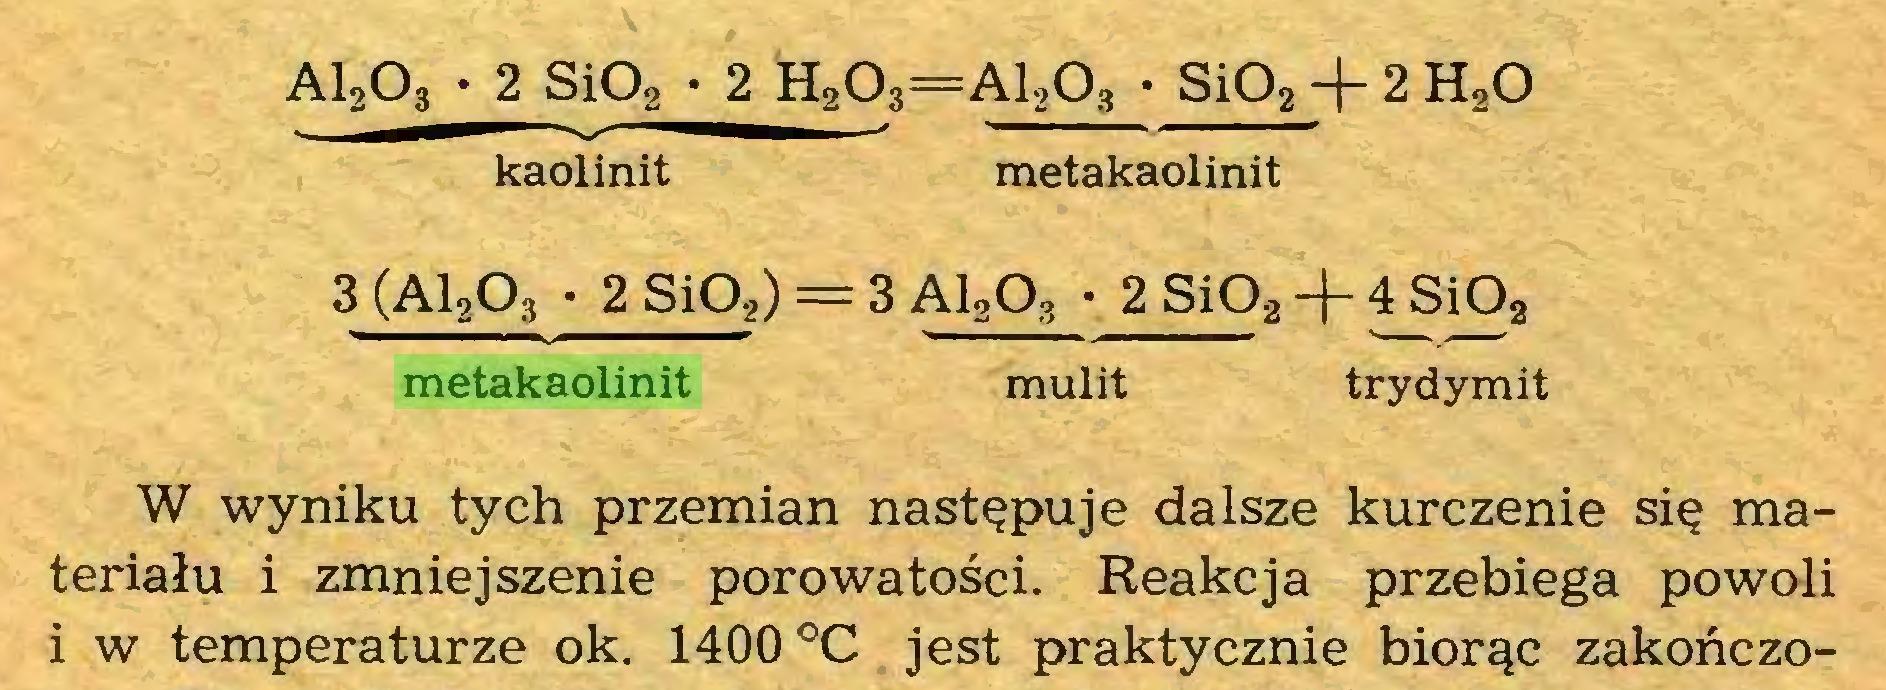 (...) AI2O3 • 2 SiOa • 2 H203=A1203 • Si02 ~|~ 2 H20 kaolinit metakaolinit 3 (A12Q3 • 2 SiOg) = 3 A12Q3 • 2 SiP2-f 4Si02 metakaolinit mulit trydymit W wyniku tych przemian następuje dalsze kurczenie się materiału i zmniejszenie porowatości. Reakcja przebiega powoli i w temperaturze ok. 1400 °C jest praktycznie biorąc zakończo...